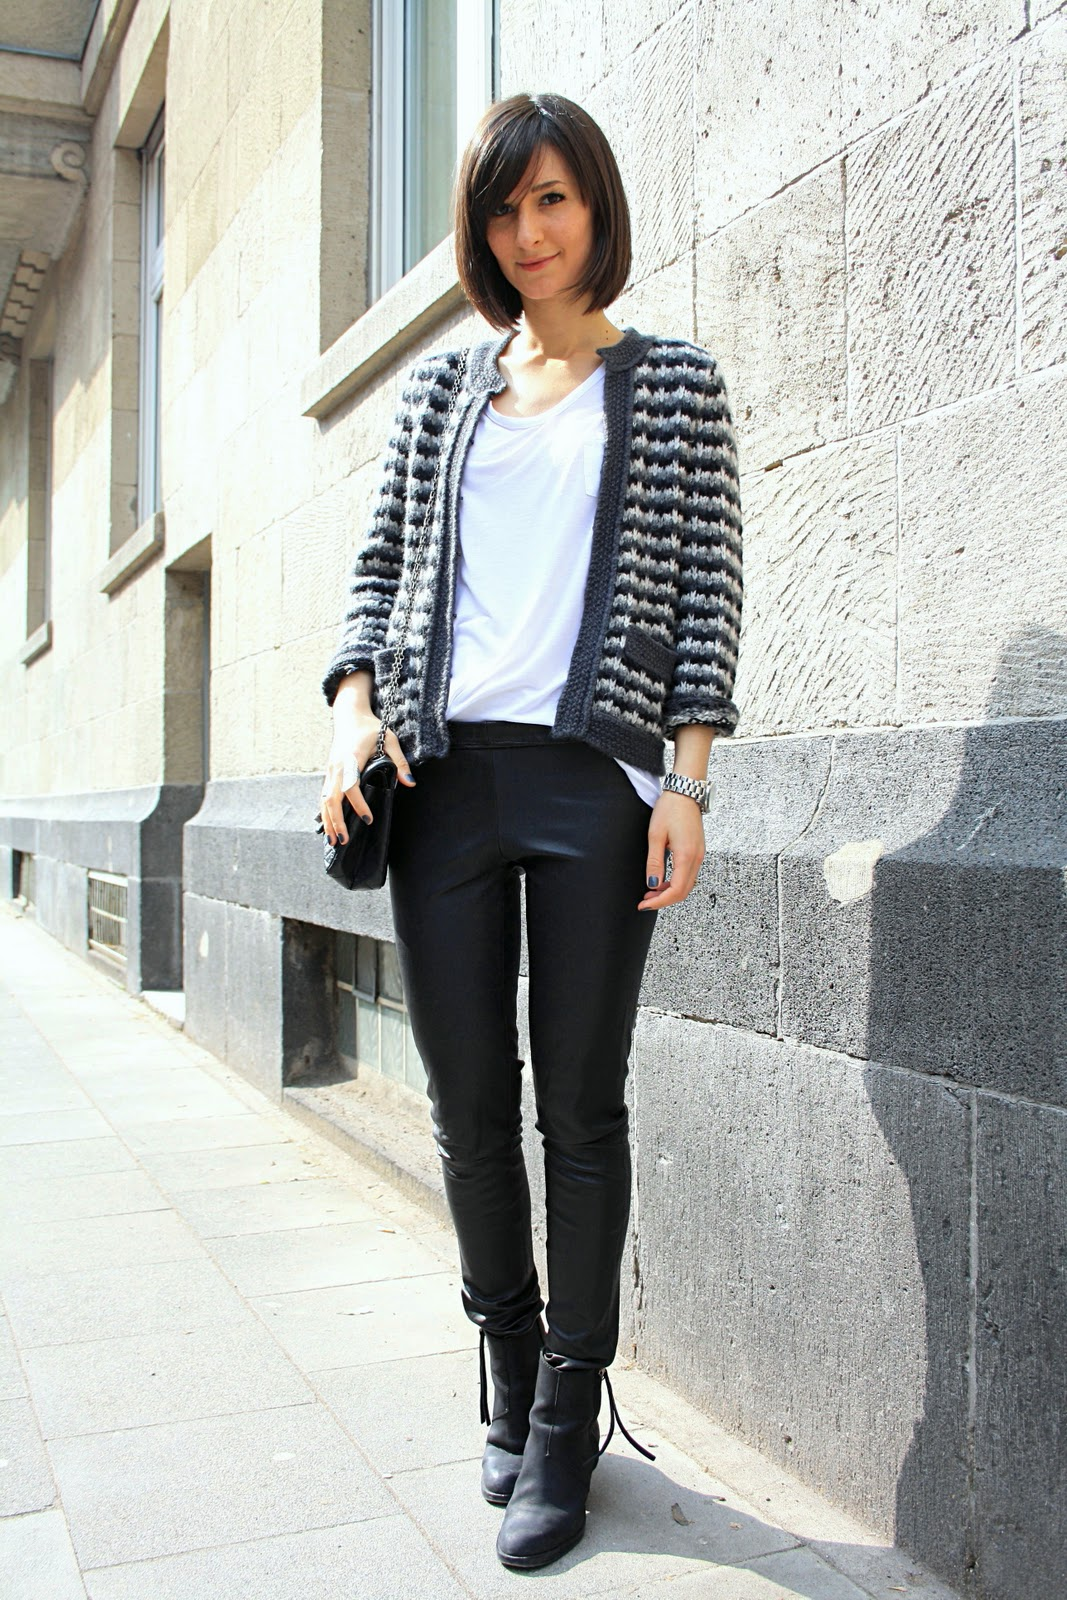 Жакет в стиле Шанель с кожаными брюками - фото стиля Шанель